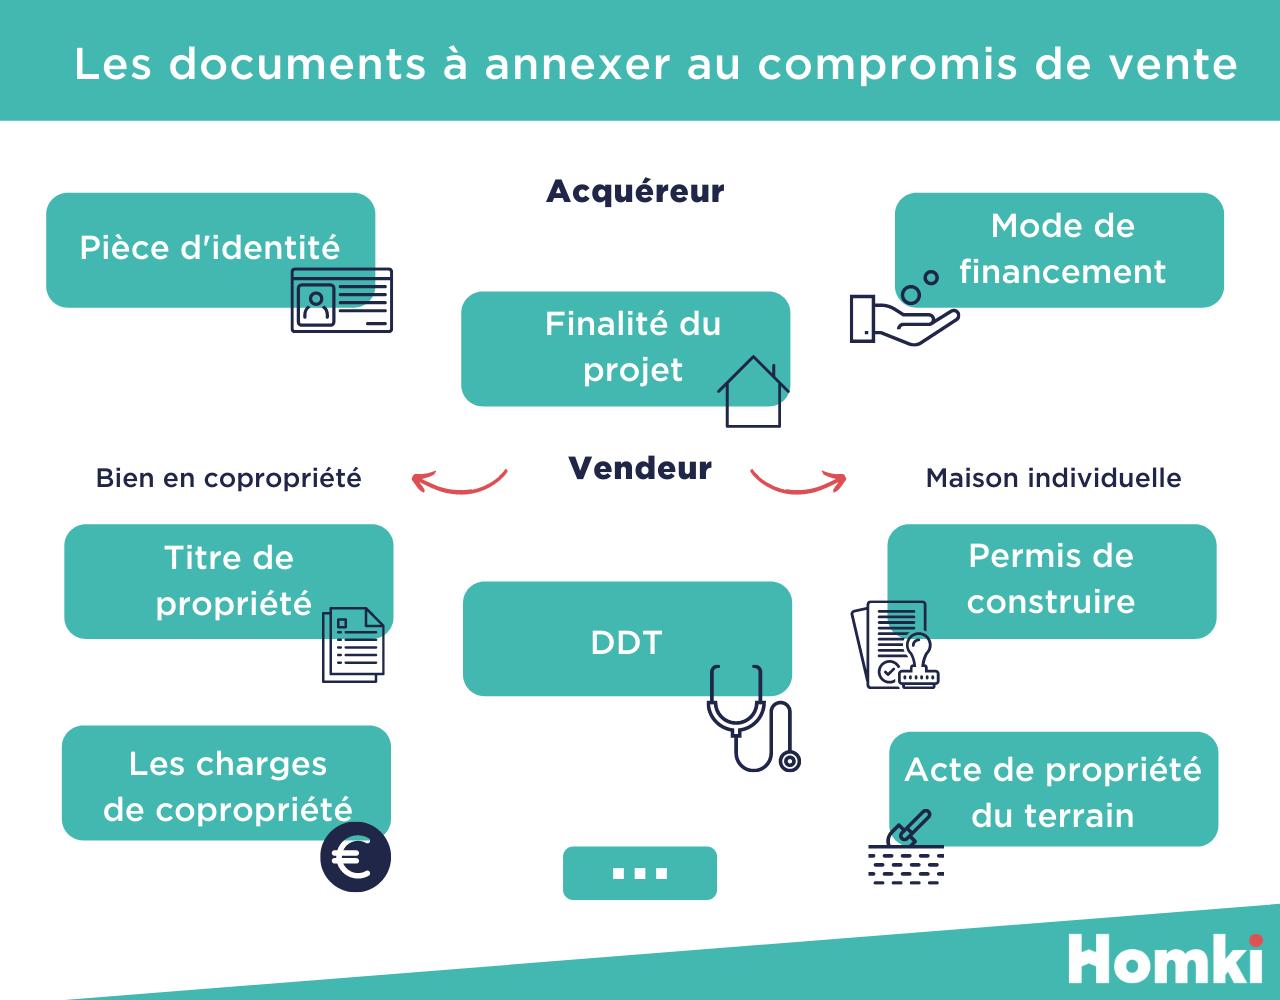 Les documents à fournir lors du compromis de vente